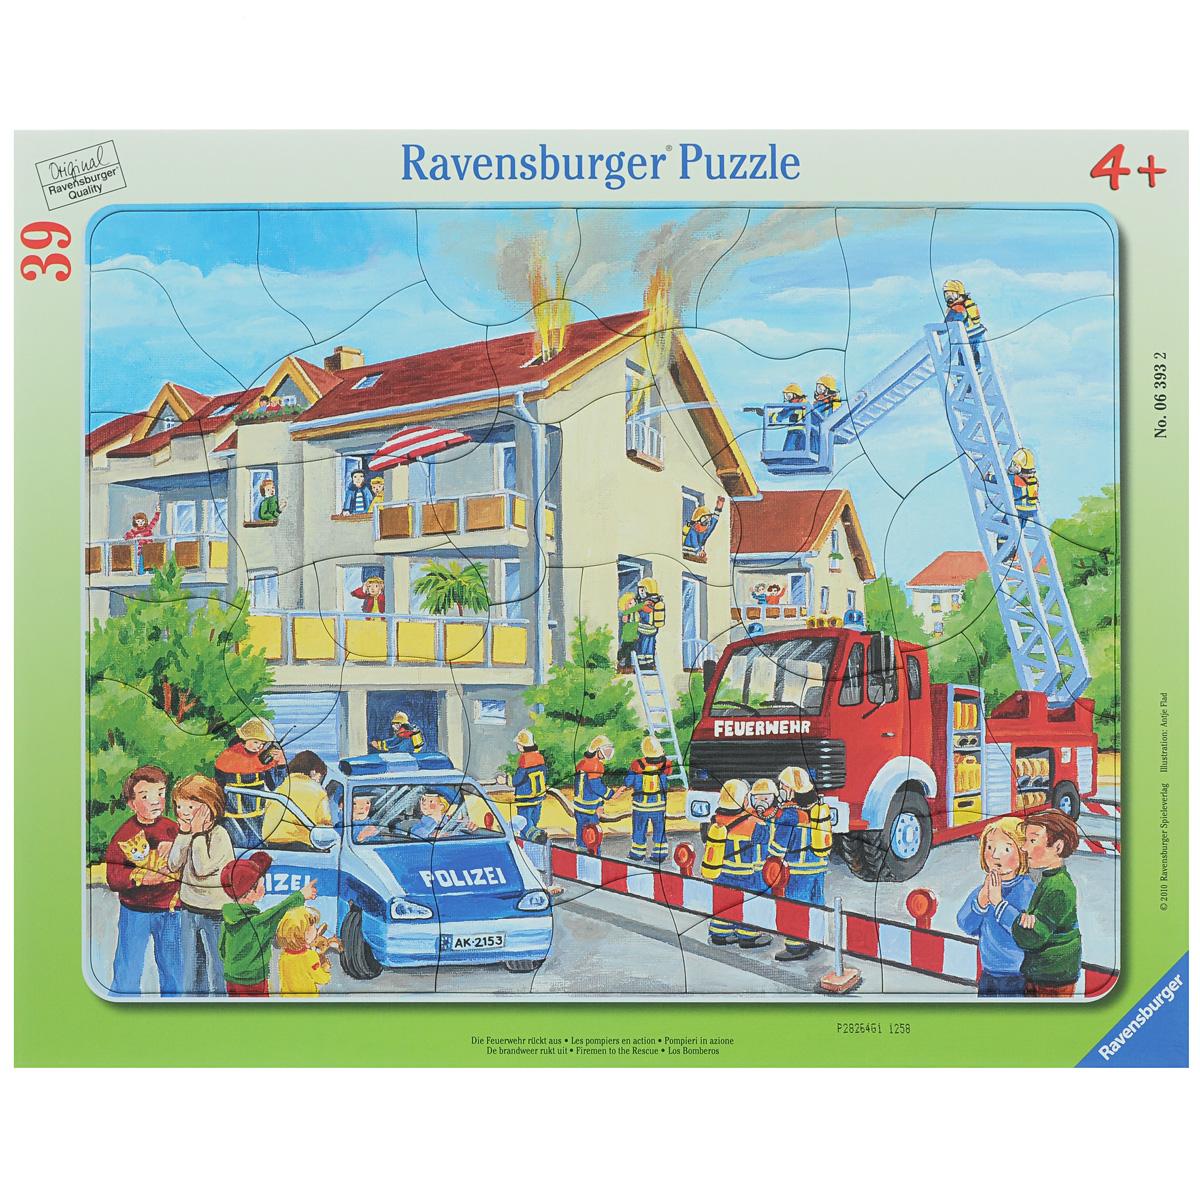 Ravensburger Пожарные спешат на помощь. Пазл, 39 элементов